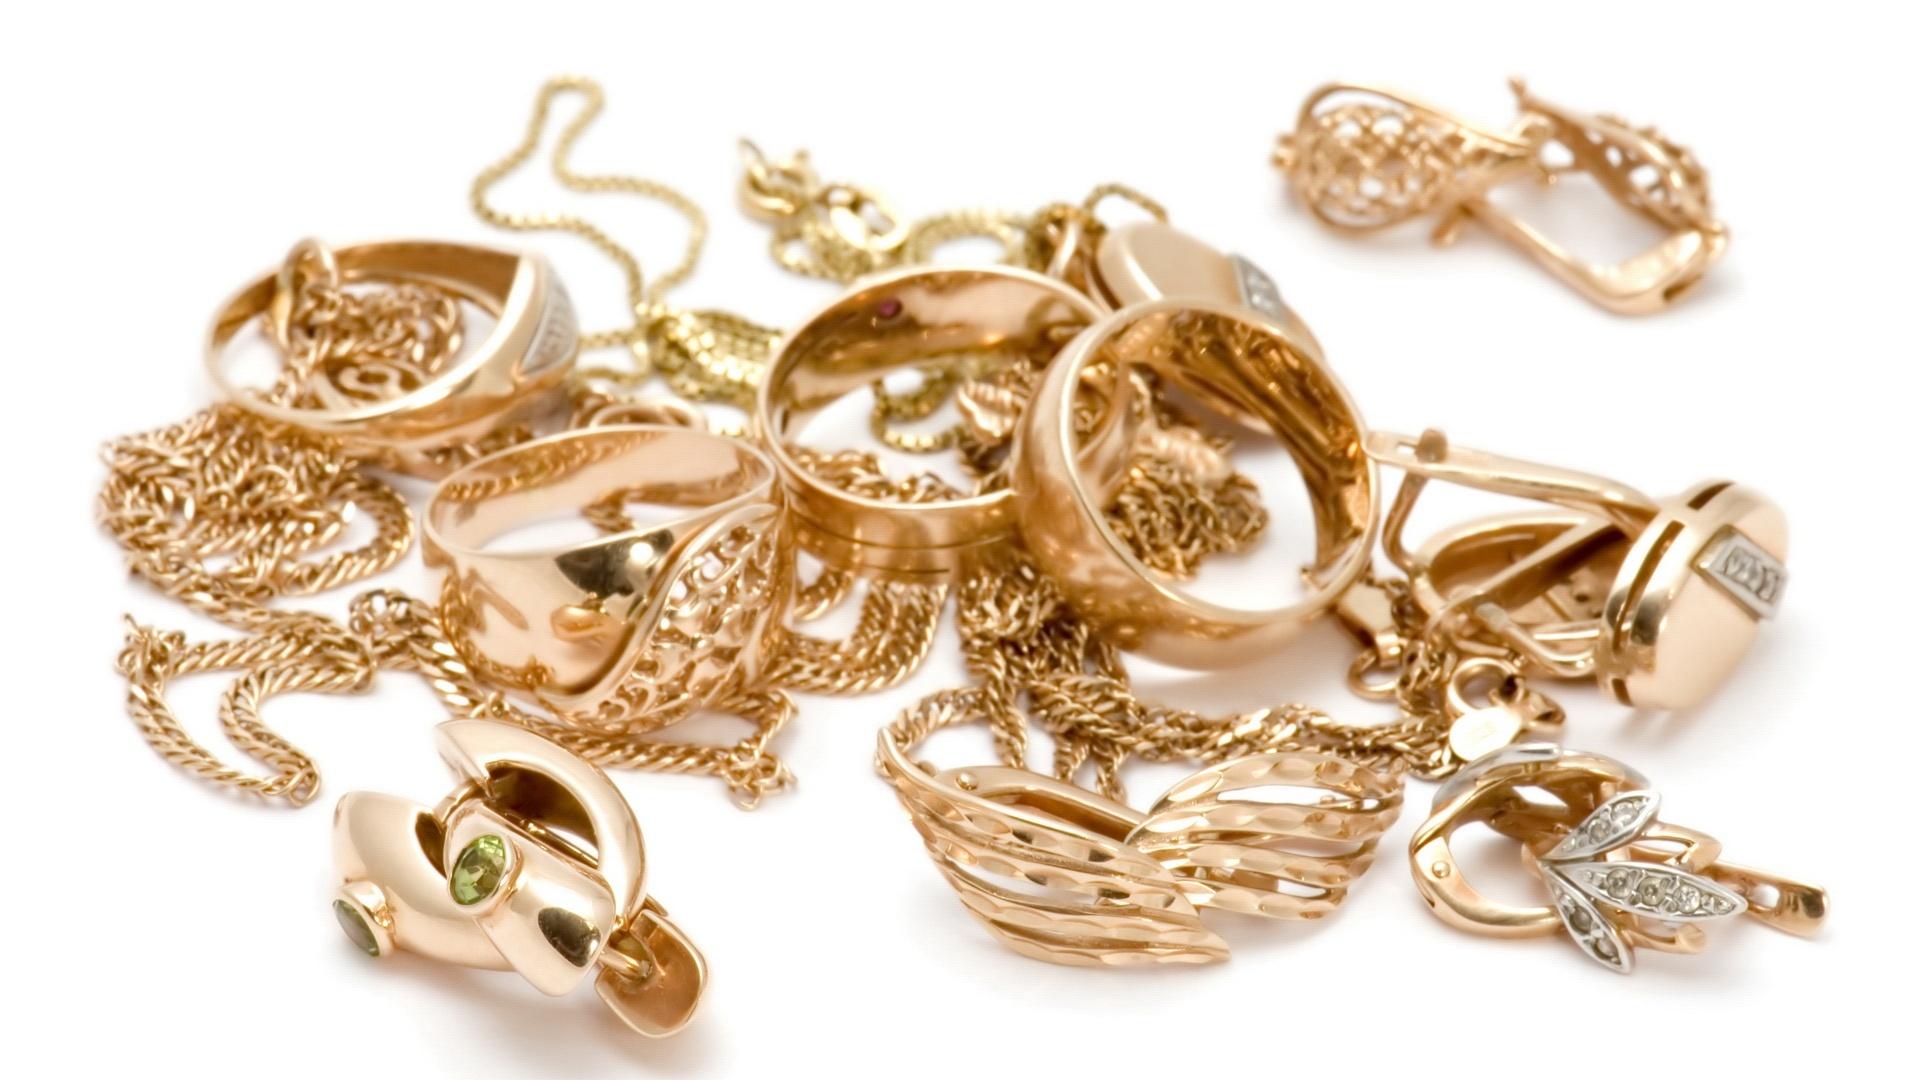 Dibalik Perhiasanmu